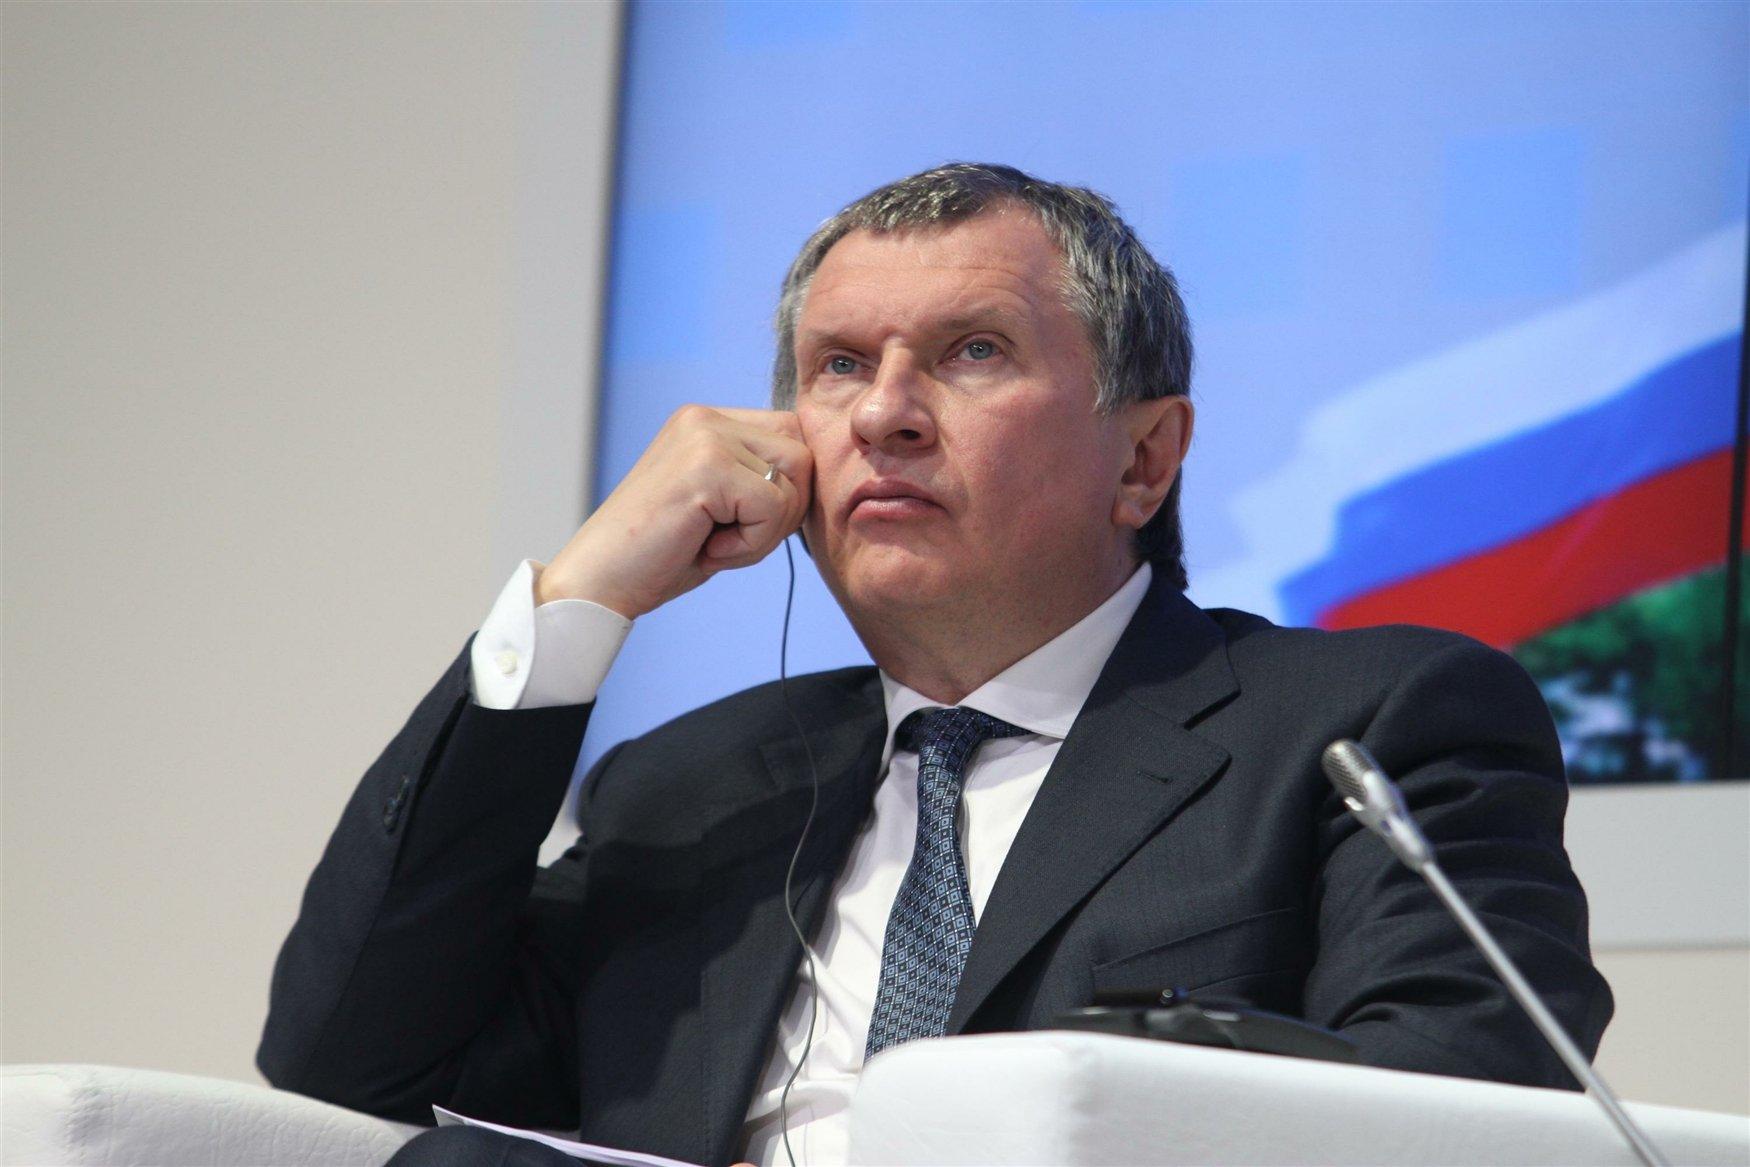 Игорь Сечин видит нефть основой энергетики ичерез 20